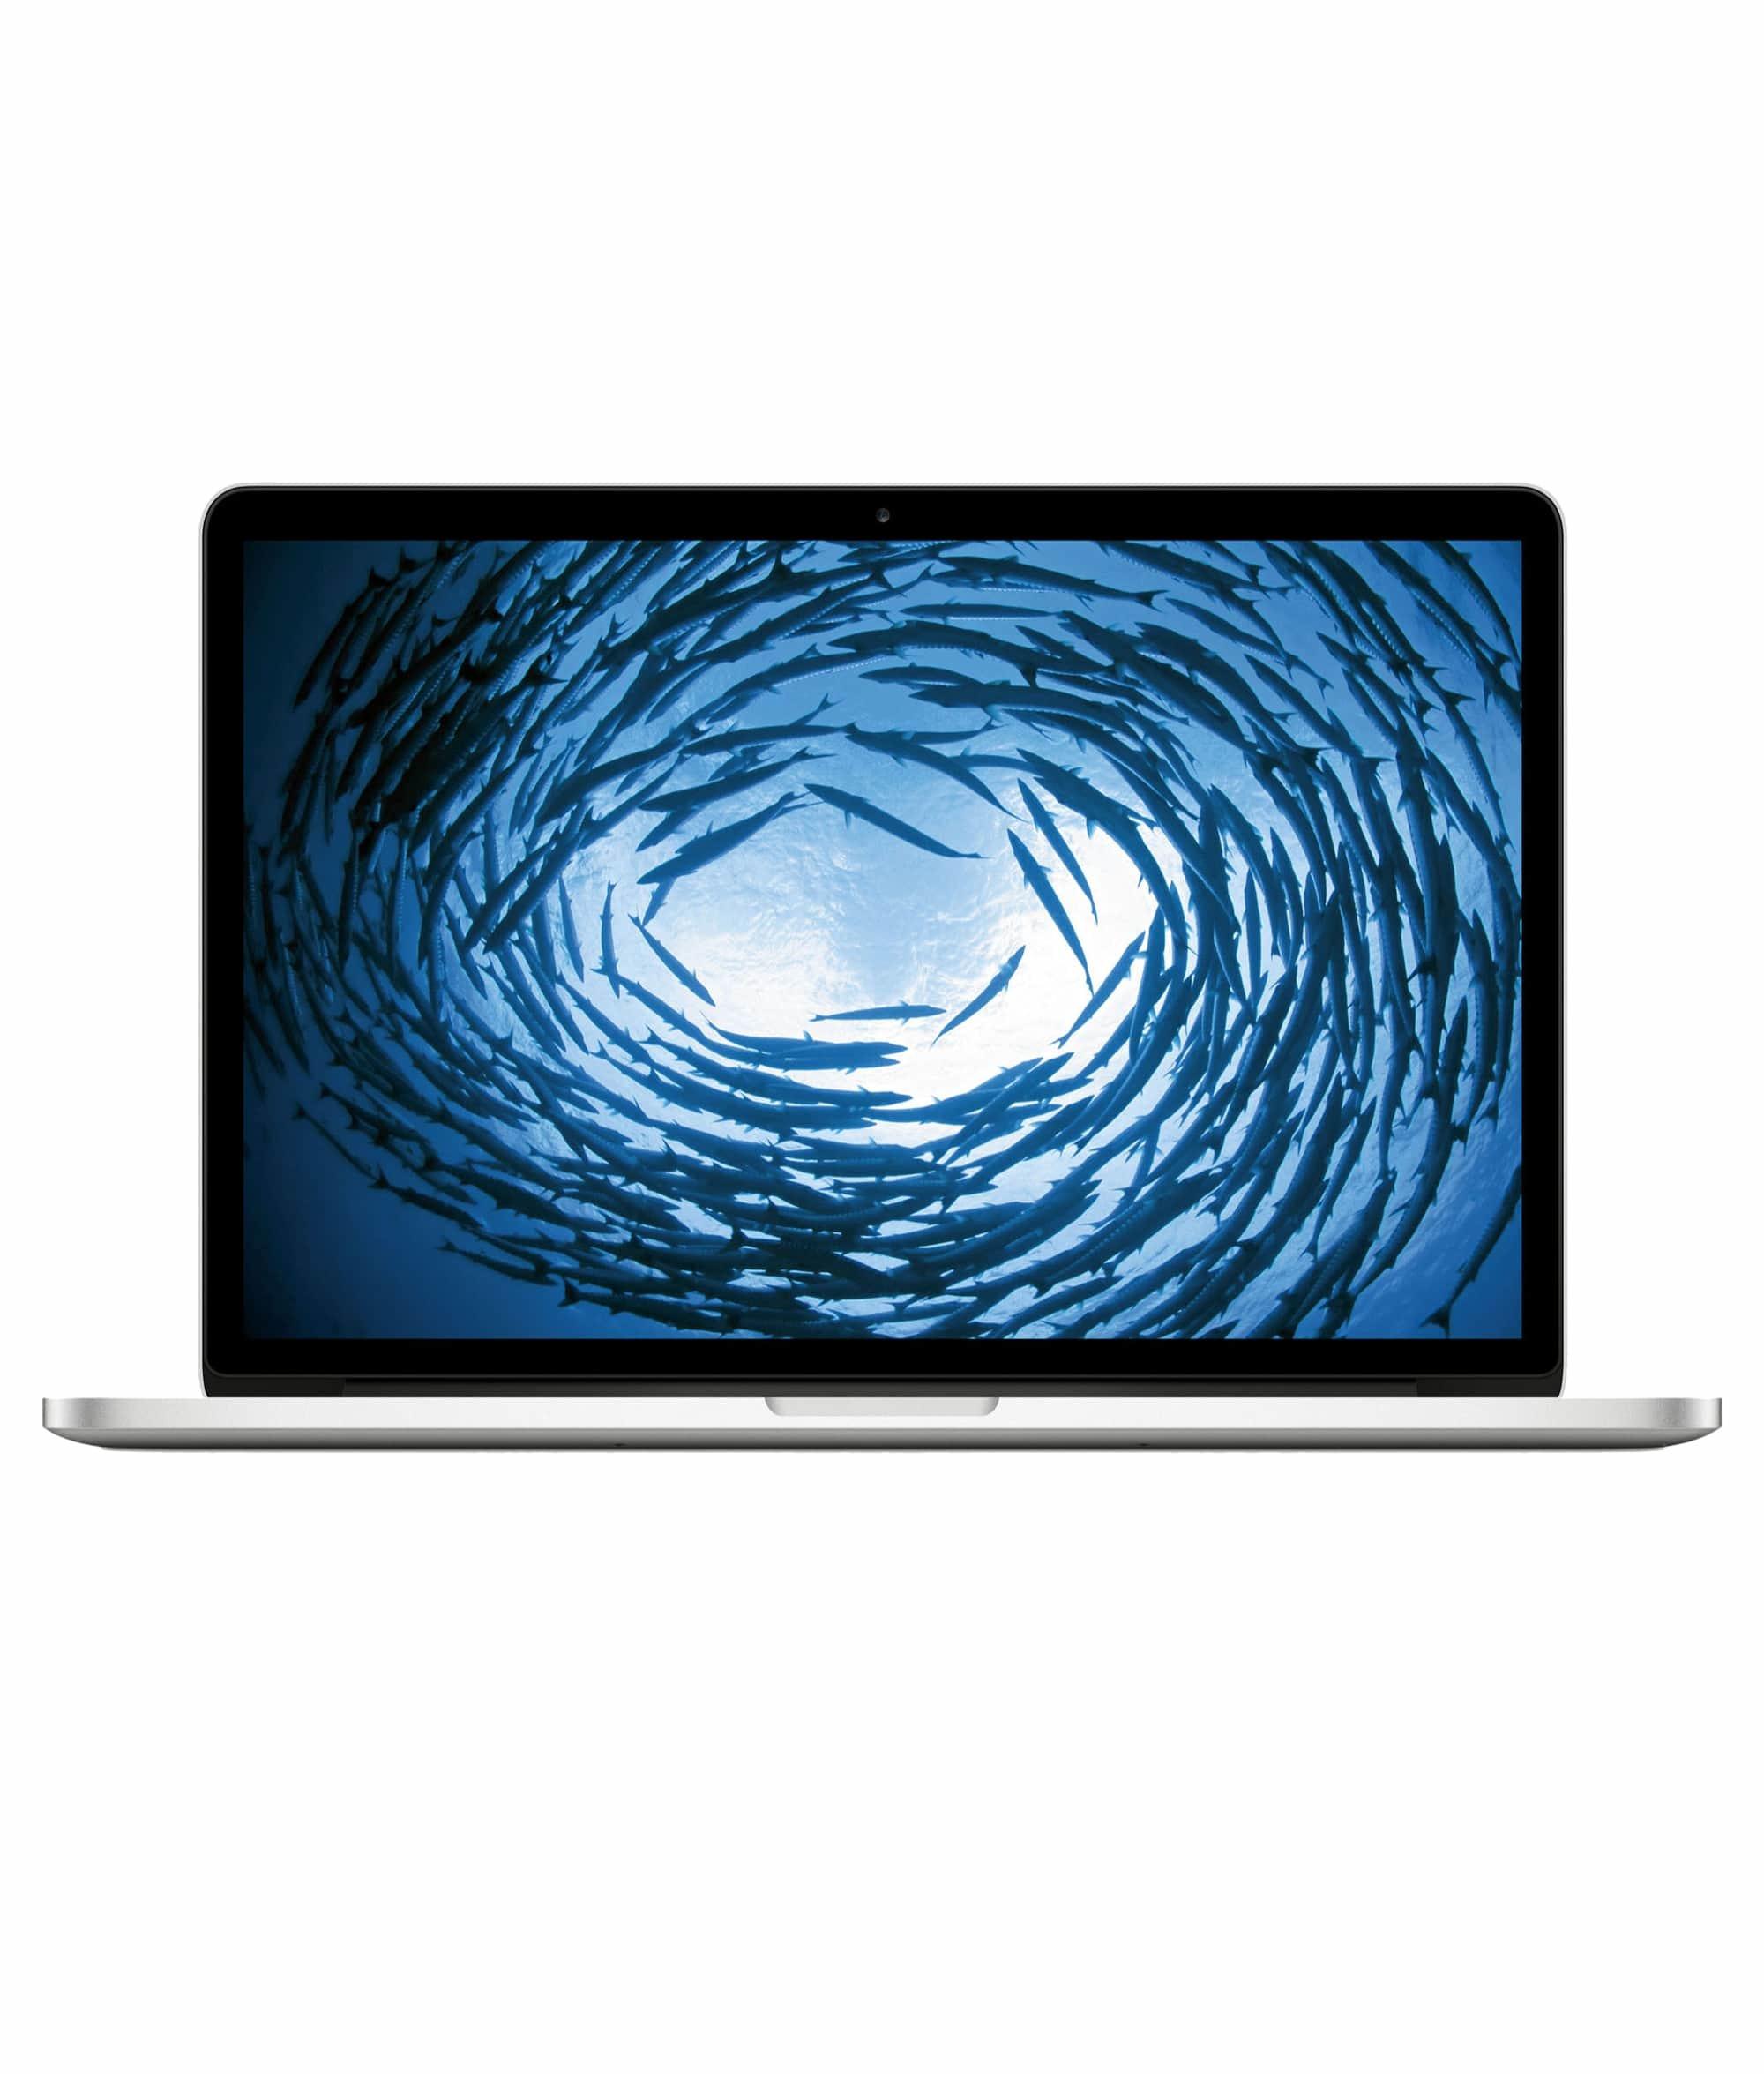 Vendere-Valutare-MacBook Pro